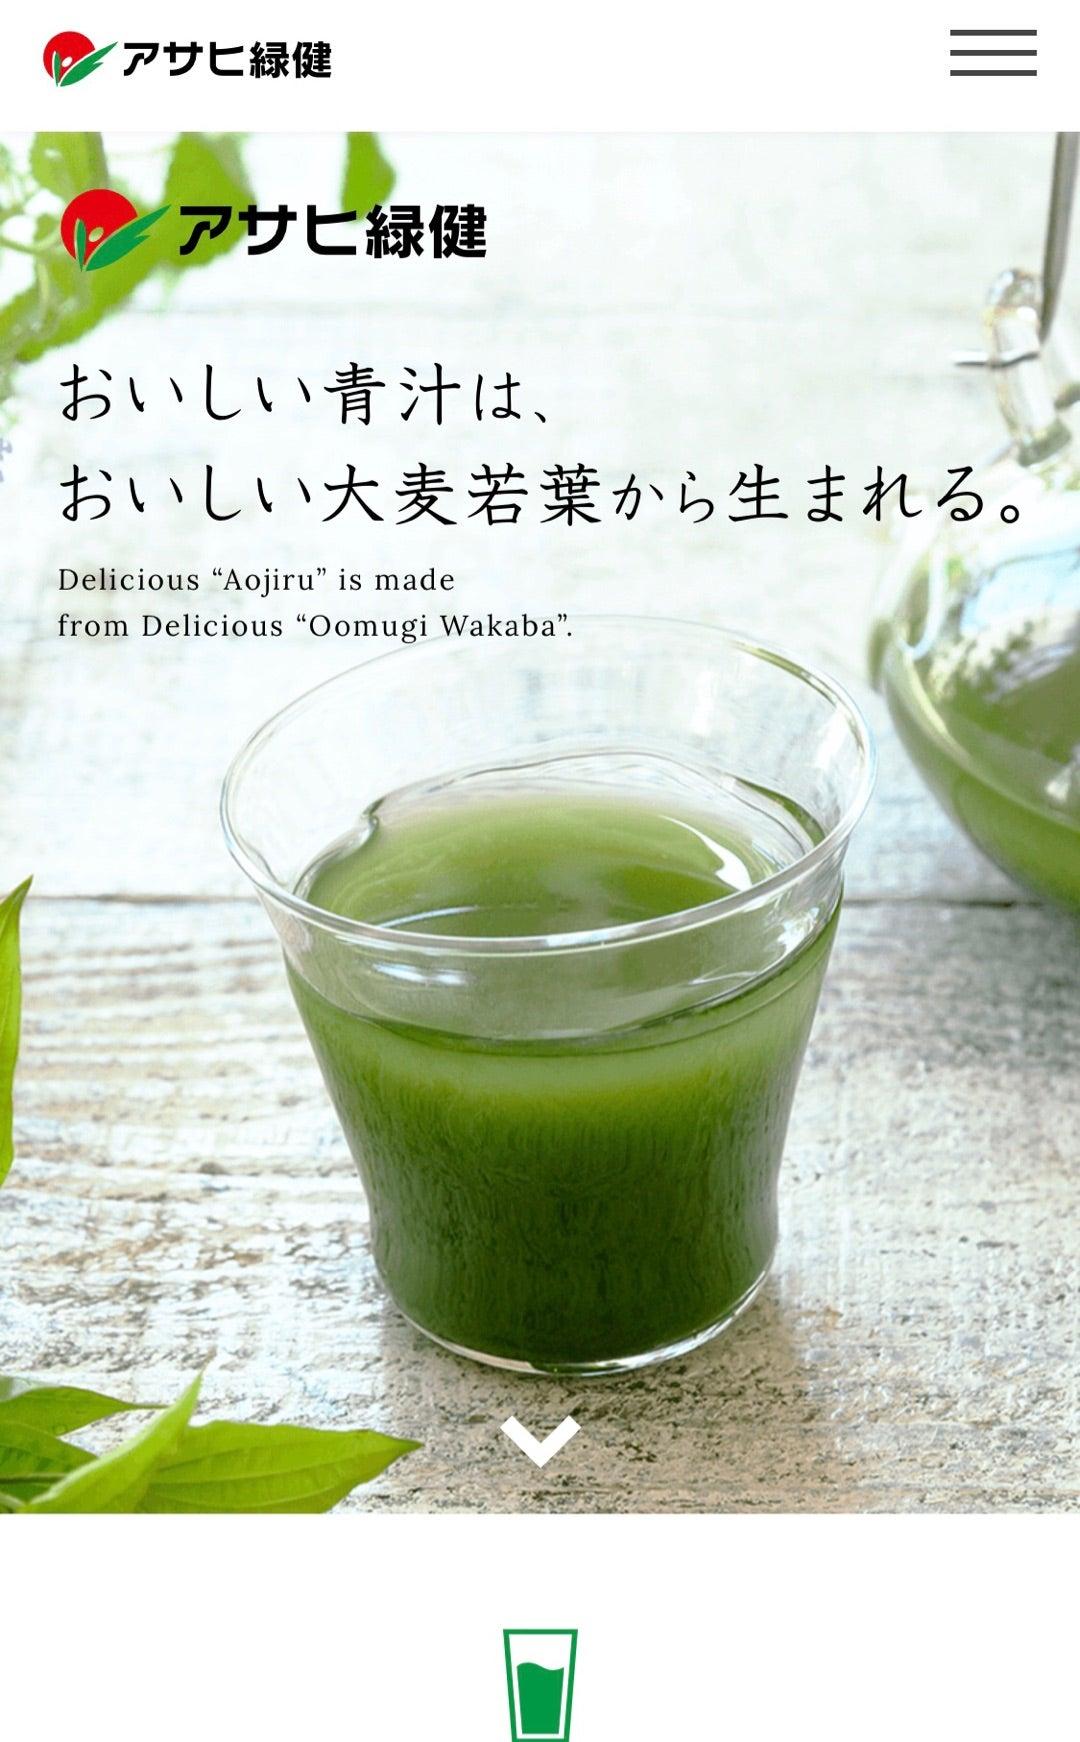 効 青 汁 cm 緑